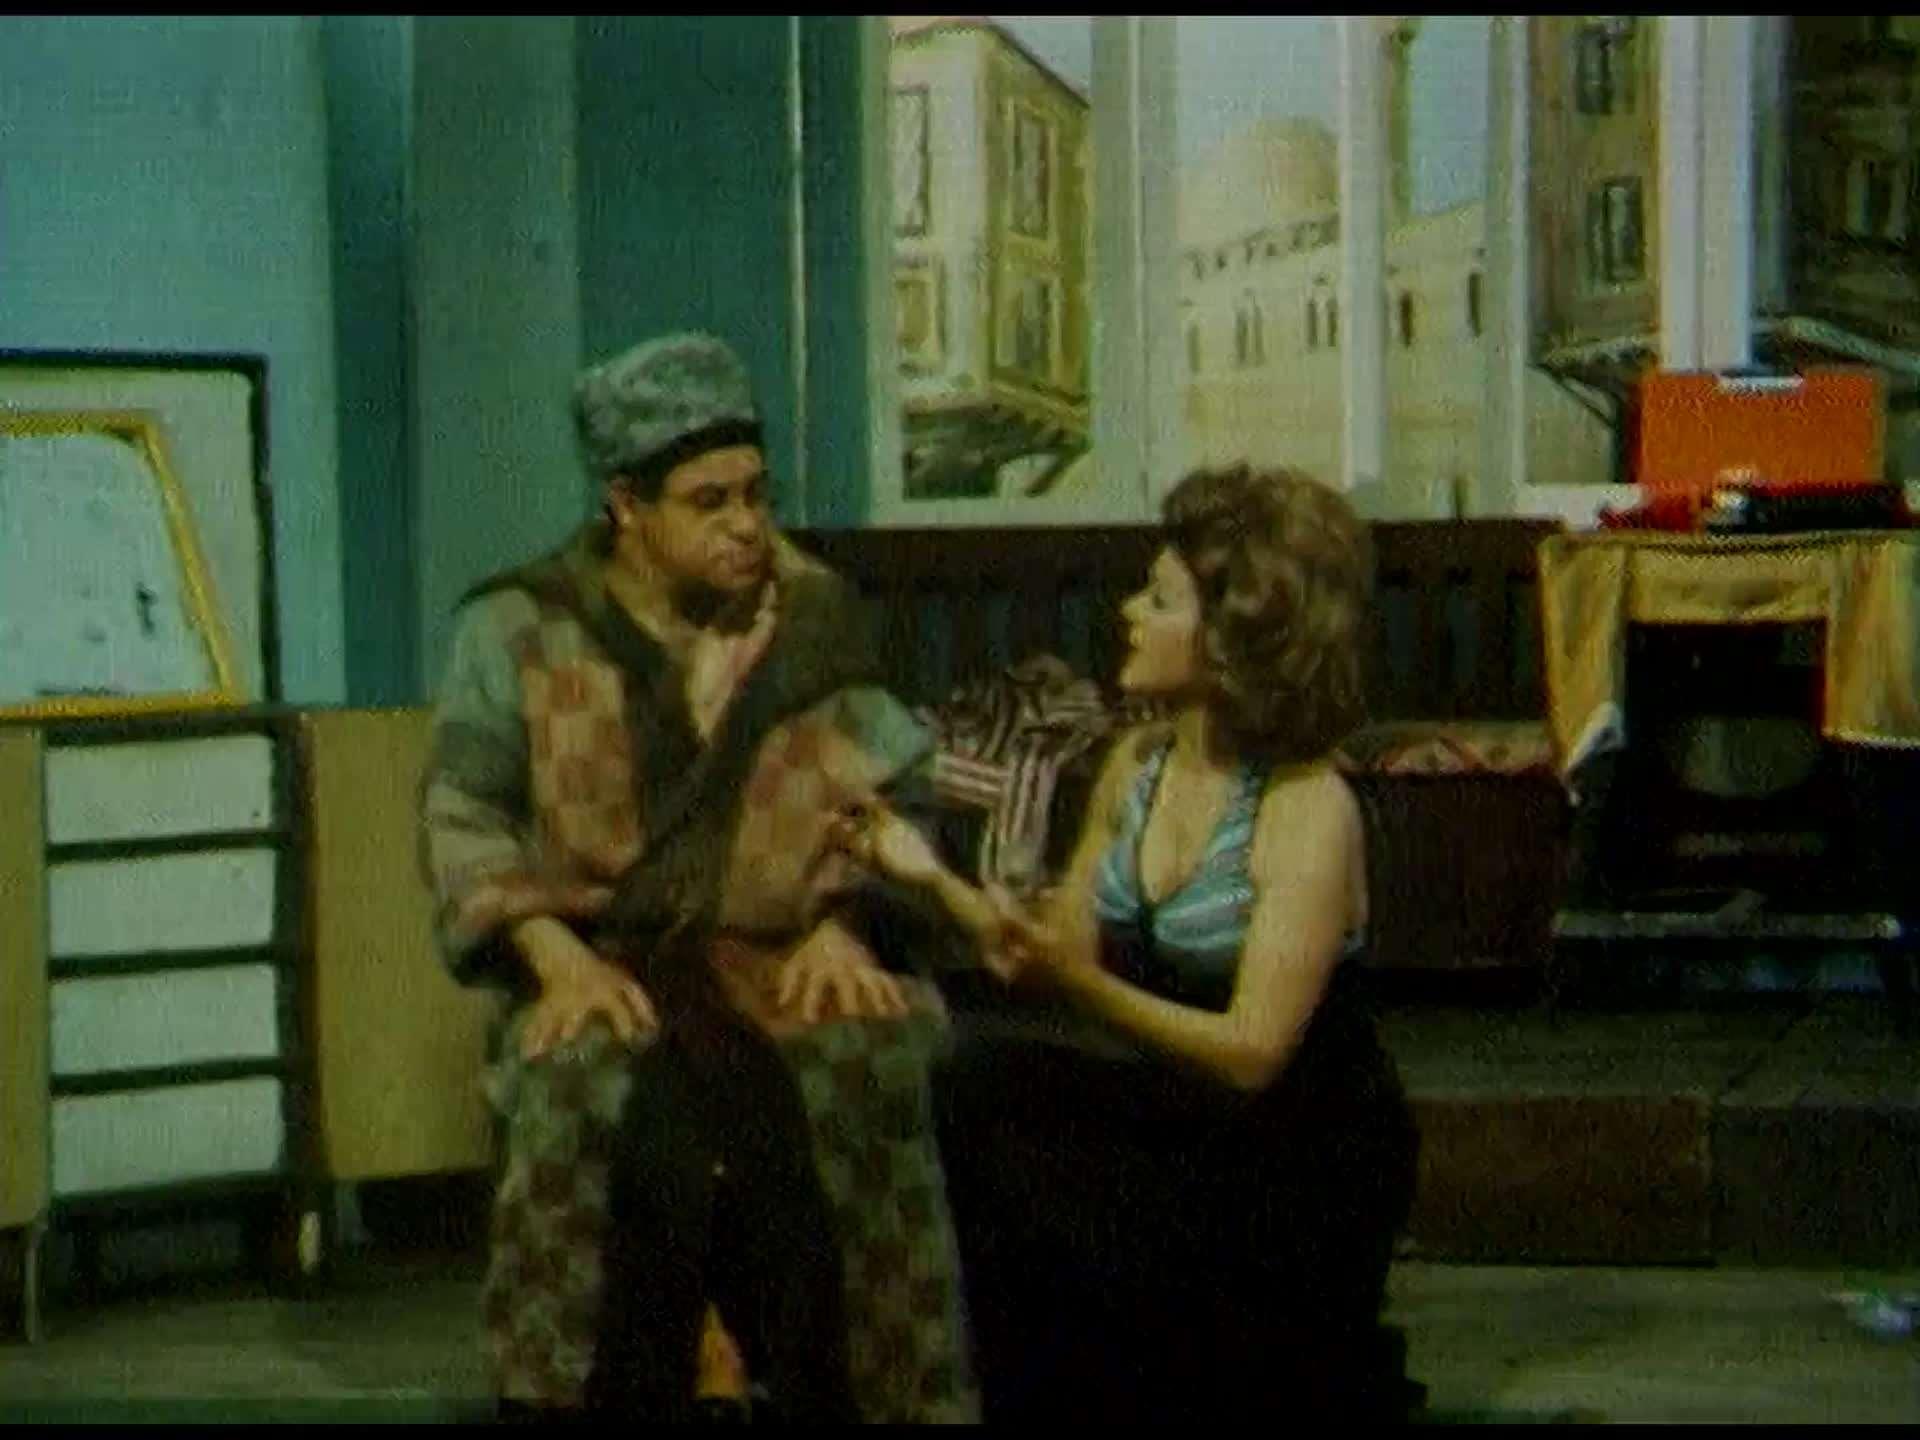 مسرحية لوليتا (1974) 1080p تحميل تورنت 9 arabp2p.com